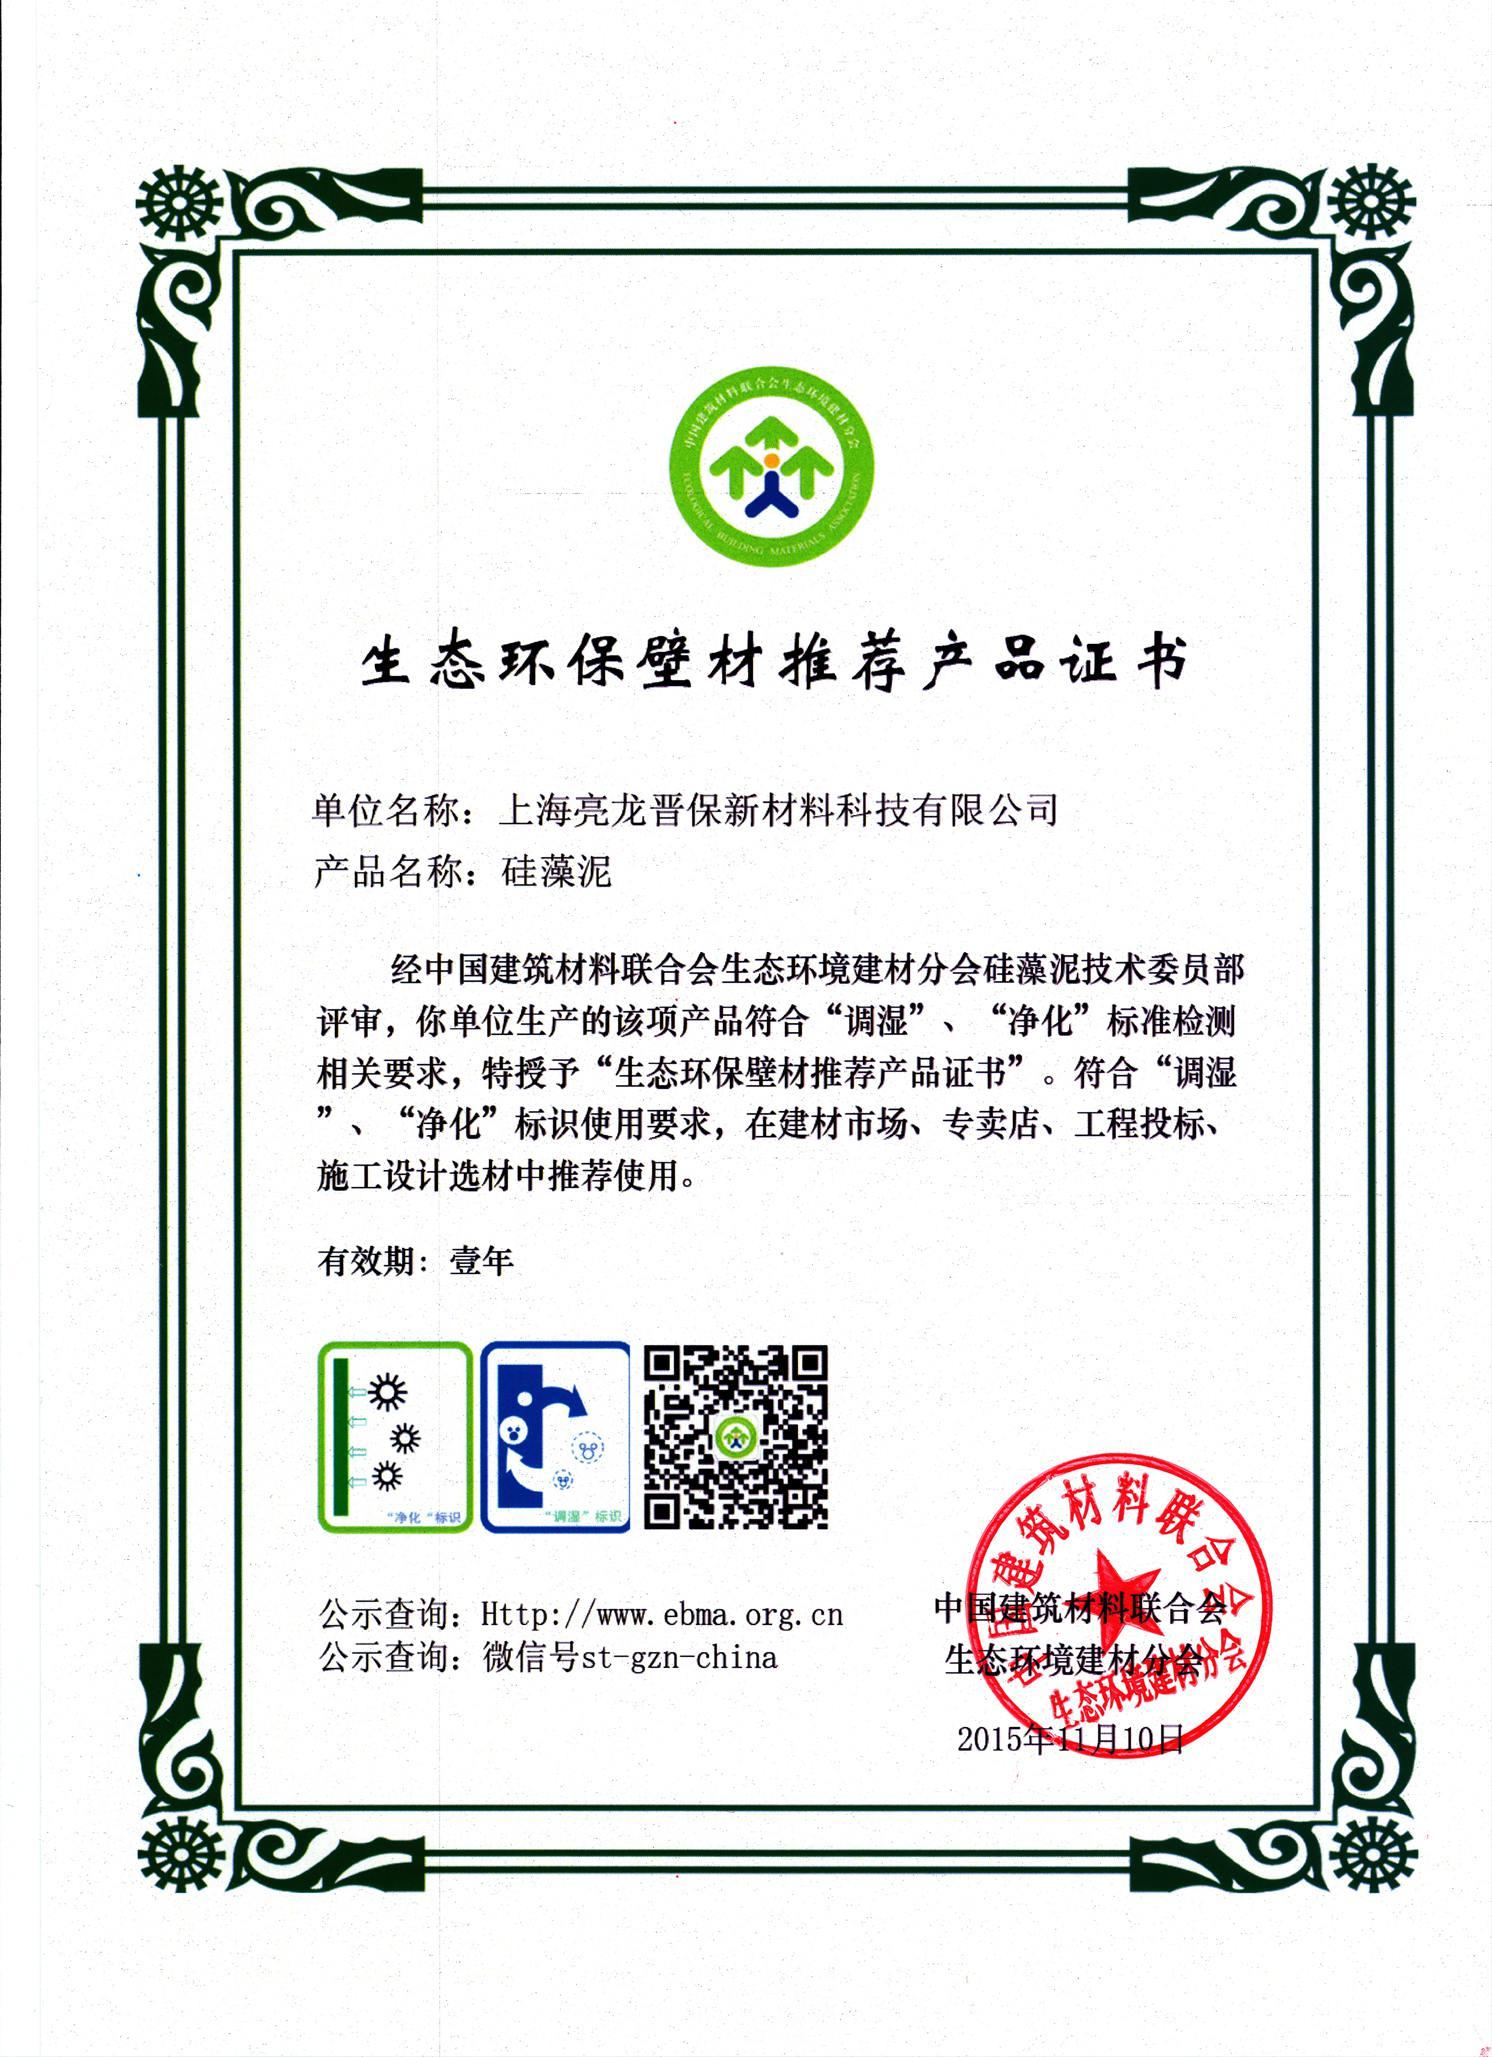 生态环保壁材推荐证书